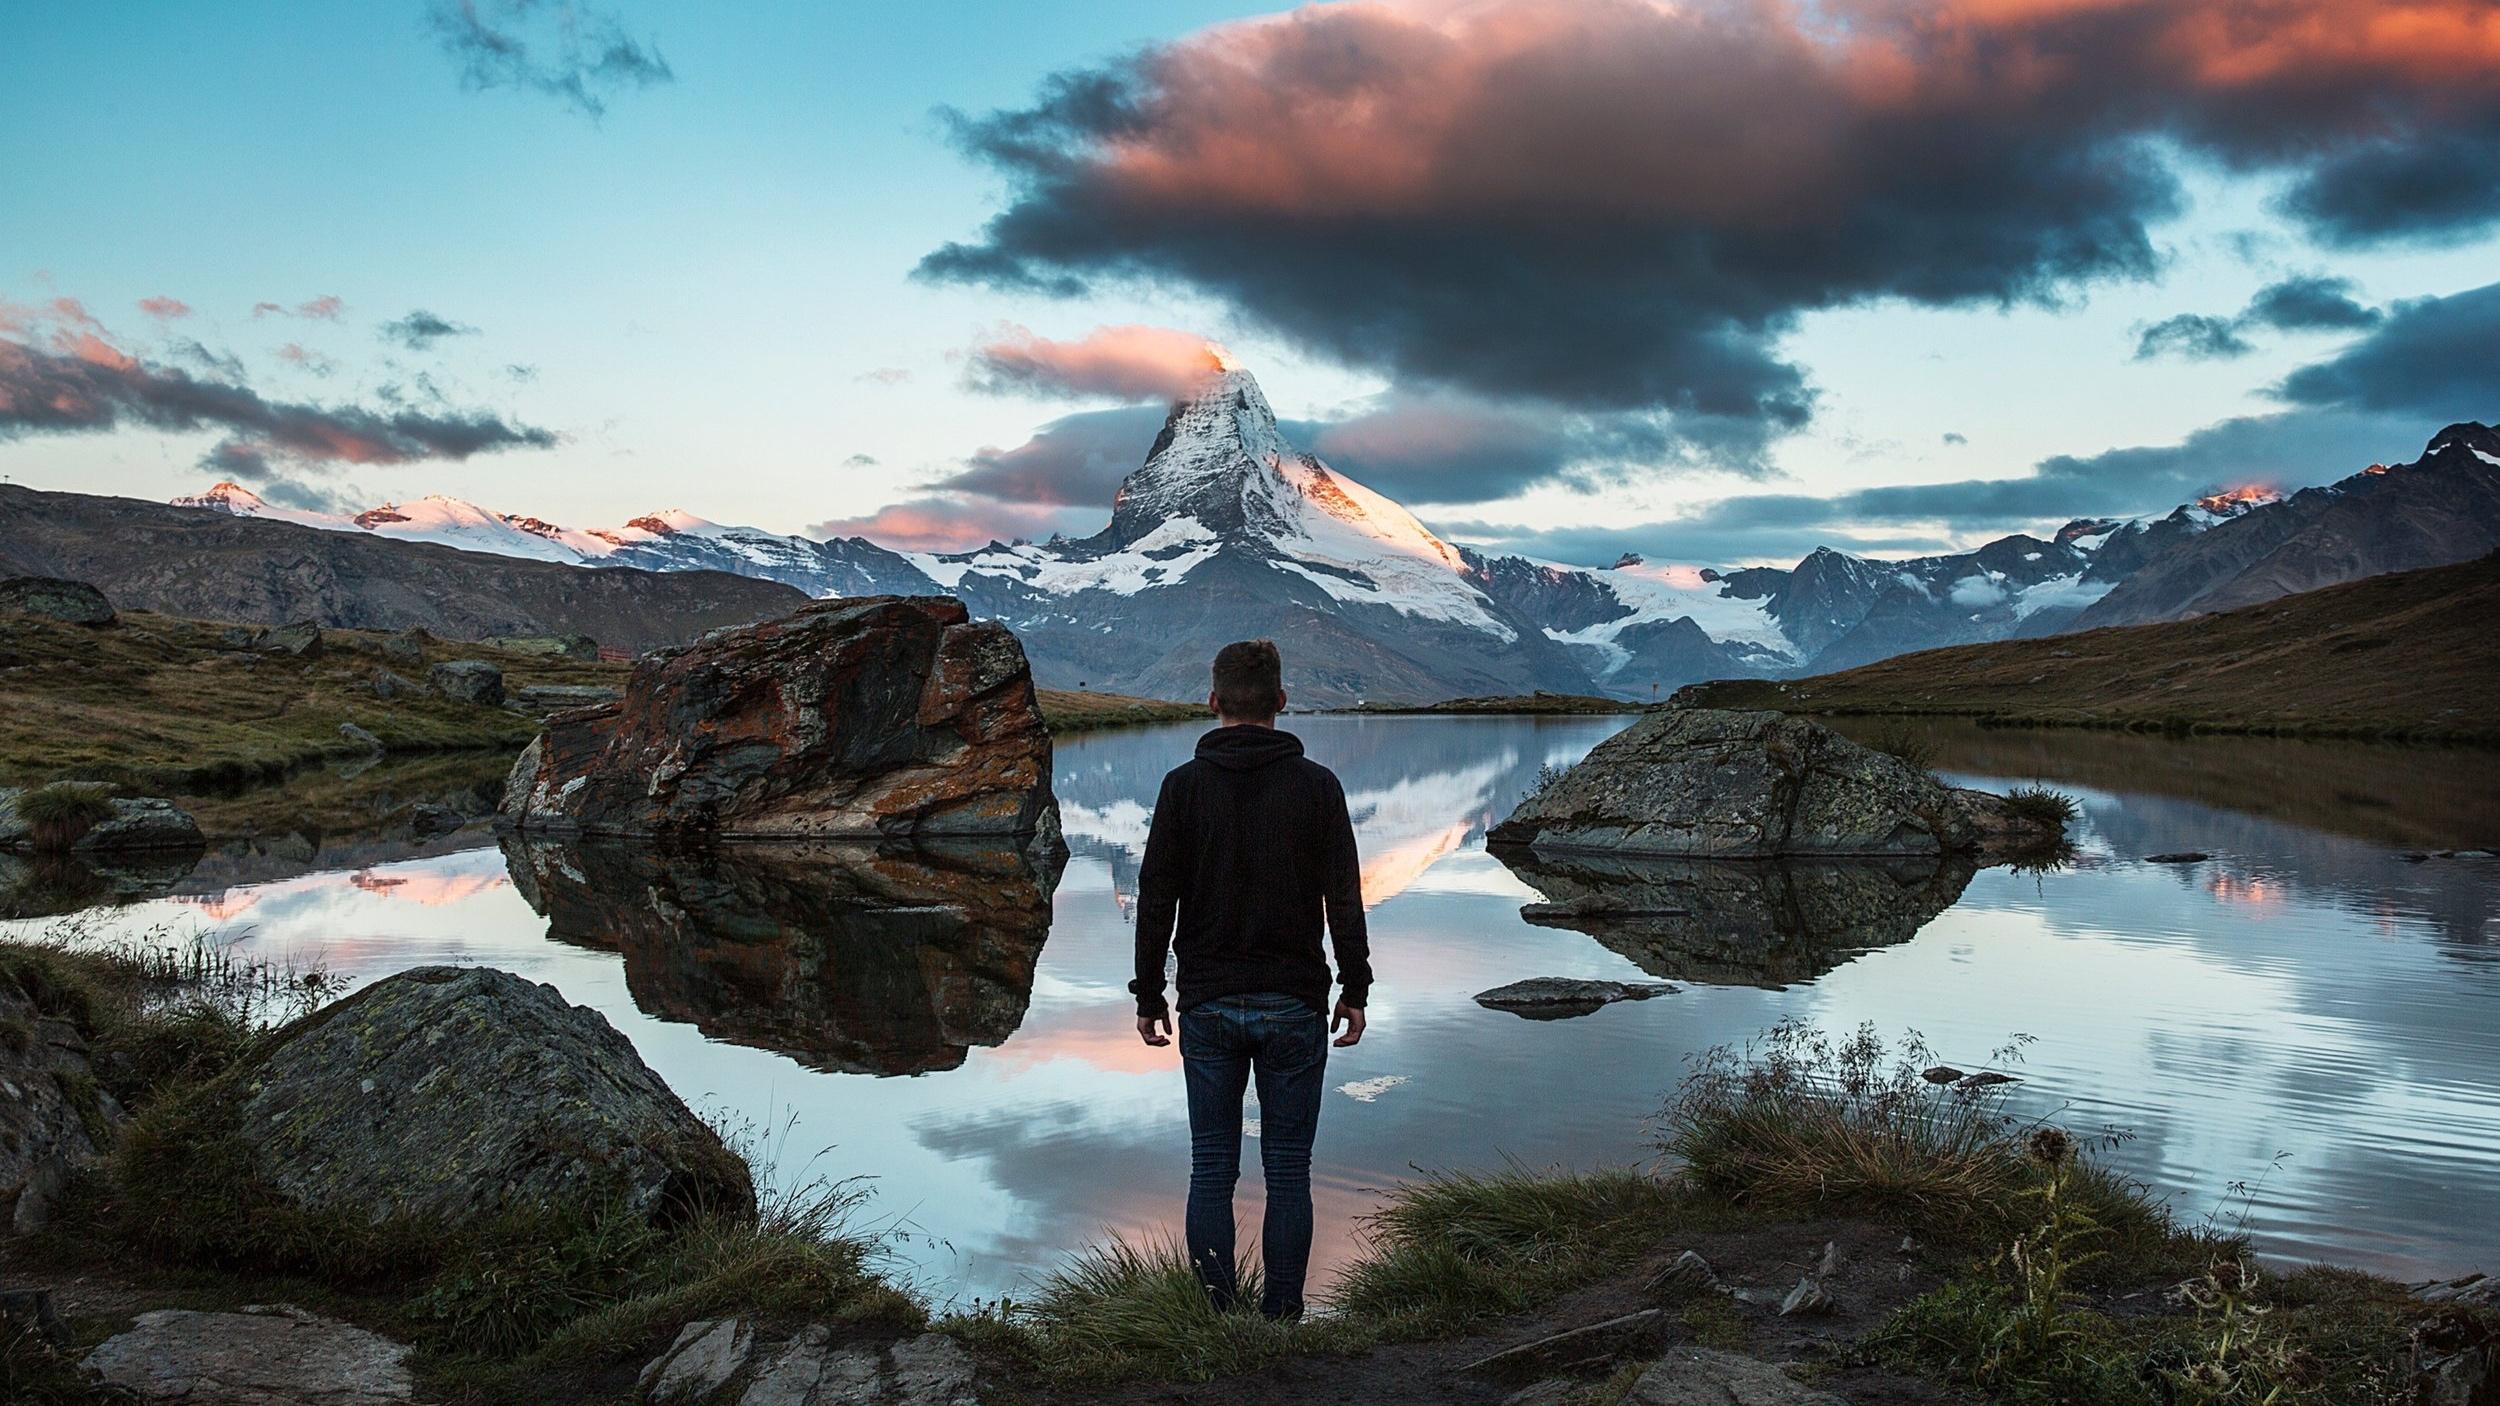 """CORE VISUALISERINGS - OG MEDITATIONSTRÆNING  Med Coretræning styrker du dig selv indefra, og giver dig selv plads til at stå stærkt, kraftfuldt og karismatisk.  Visualisering giver dig mulighed for at skabe et nyt perspektiv, når du føler mig fastlåst i en overbevisning.  På en nænsom, behagelig og effektiv måde kan du aktivere din forestillingsevne til at """"se"""" en anden og ny virkelighed, der kan kan virke så levende, at det aktiverer alle dine sanser. Det giver dig altså mulighed for at manifestere et nyt selvbillede og en ny historie.  Visualisering kaldes også for en guided meditation.  Visualiseringen kan også bruges, når du skal forankre en ny beslutning (commitment). Det at du kan """"se og mærke"""" resultatet, gør det lettere at tro på at det kan lade sig gøre, og holde momentum."""